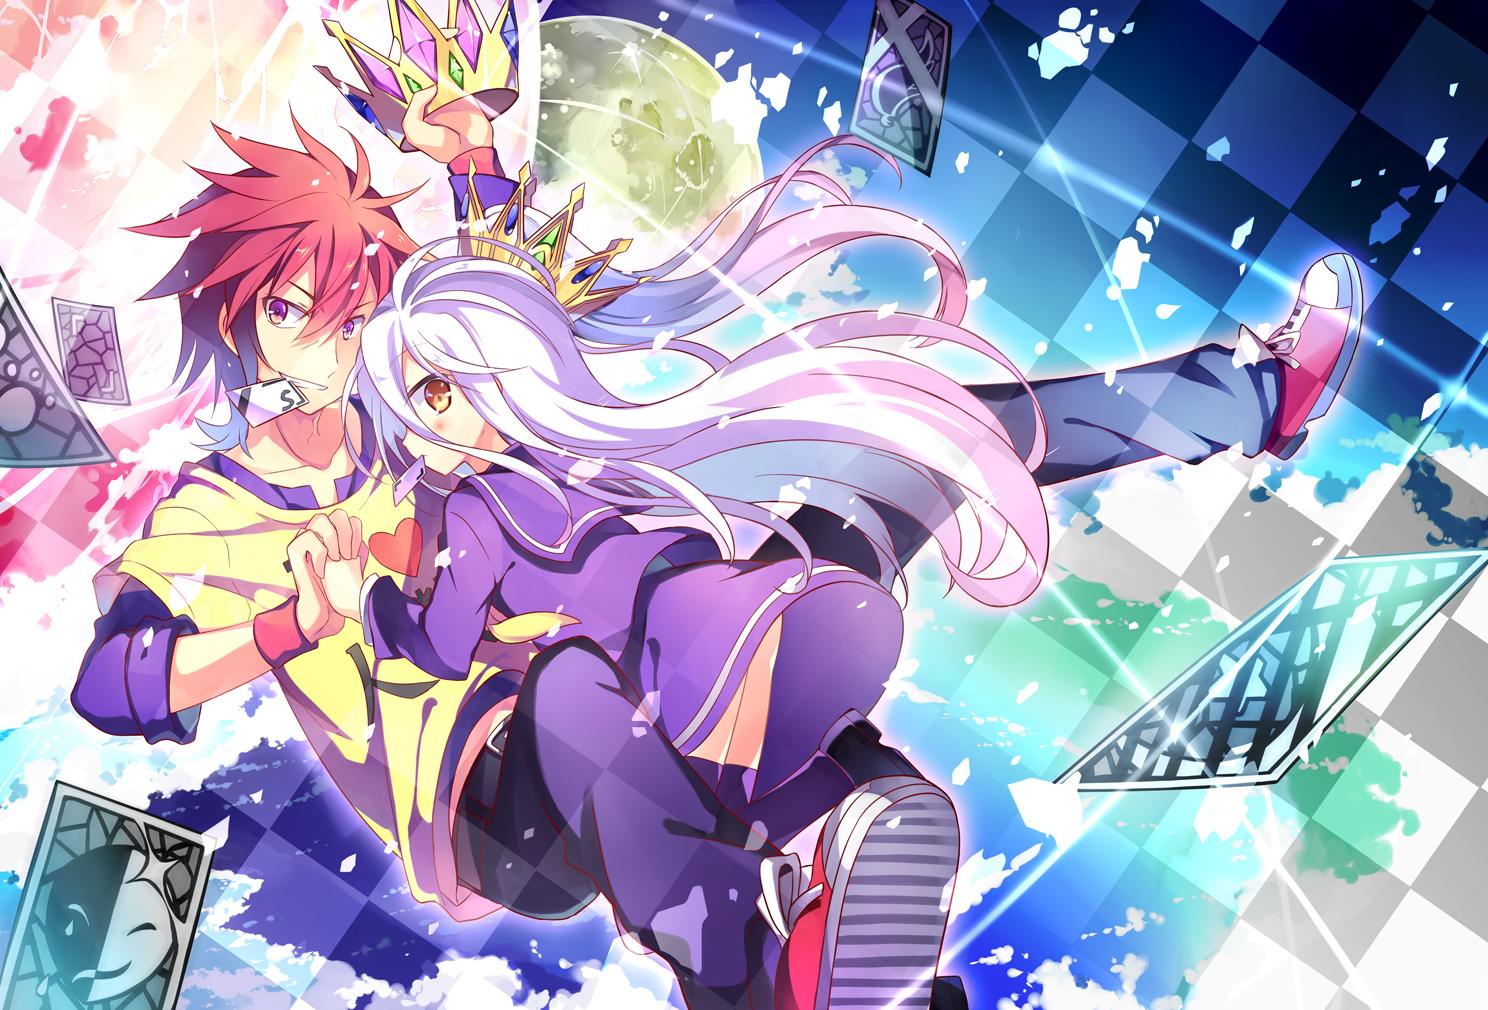 S e x anime game sexy photo